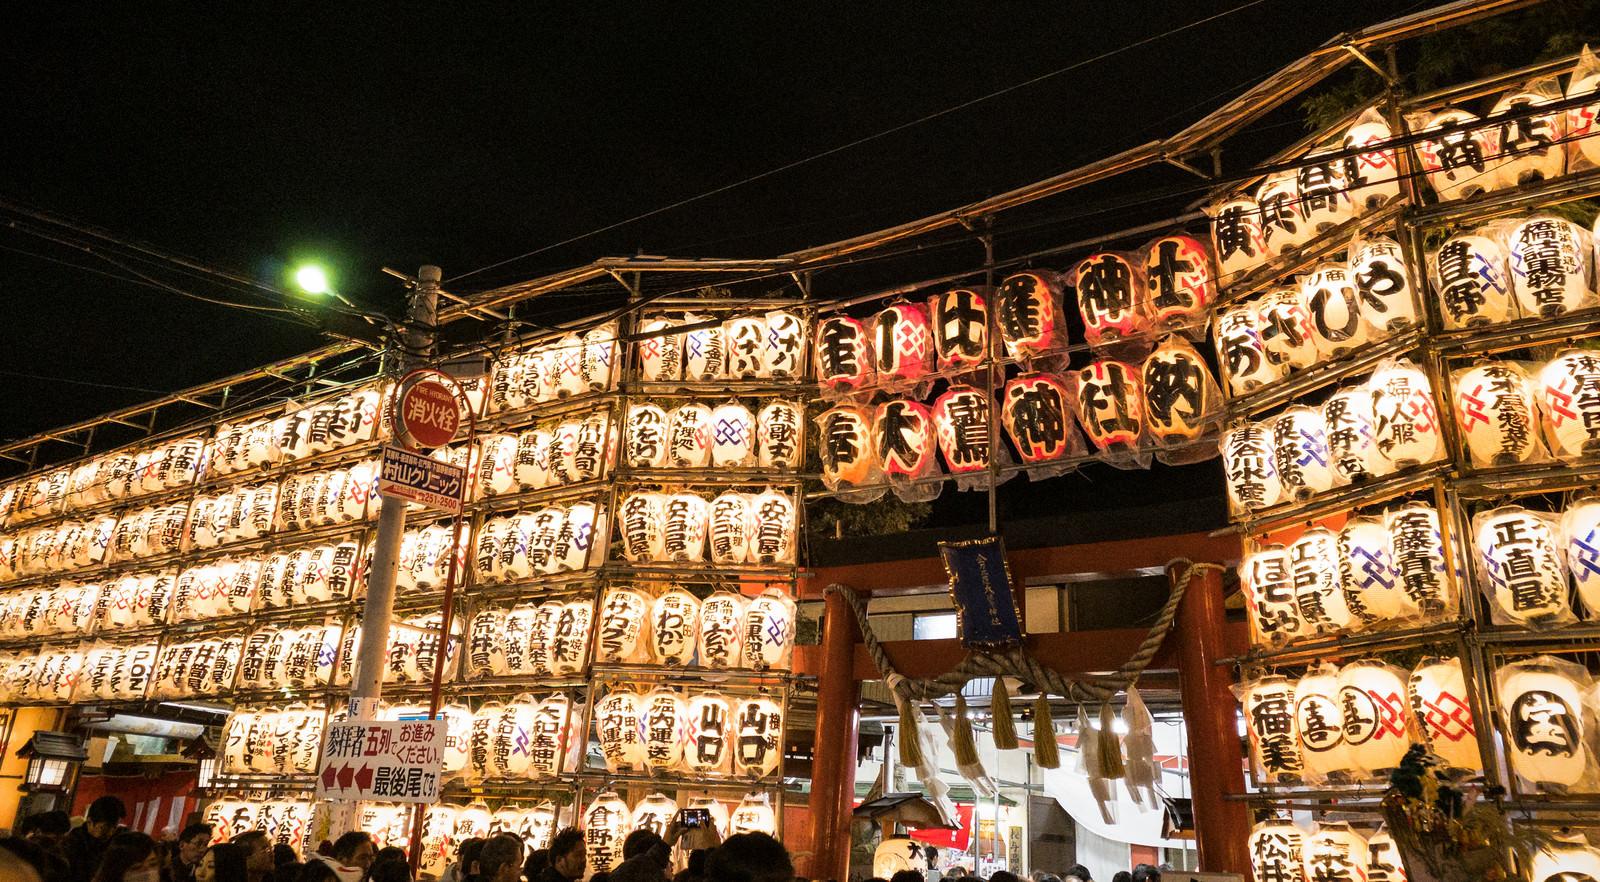 「金刀比羅大鷲神社の酉の市の提灯」の写真